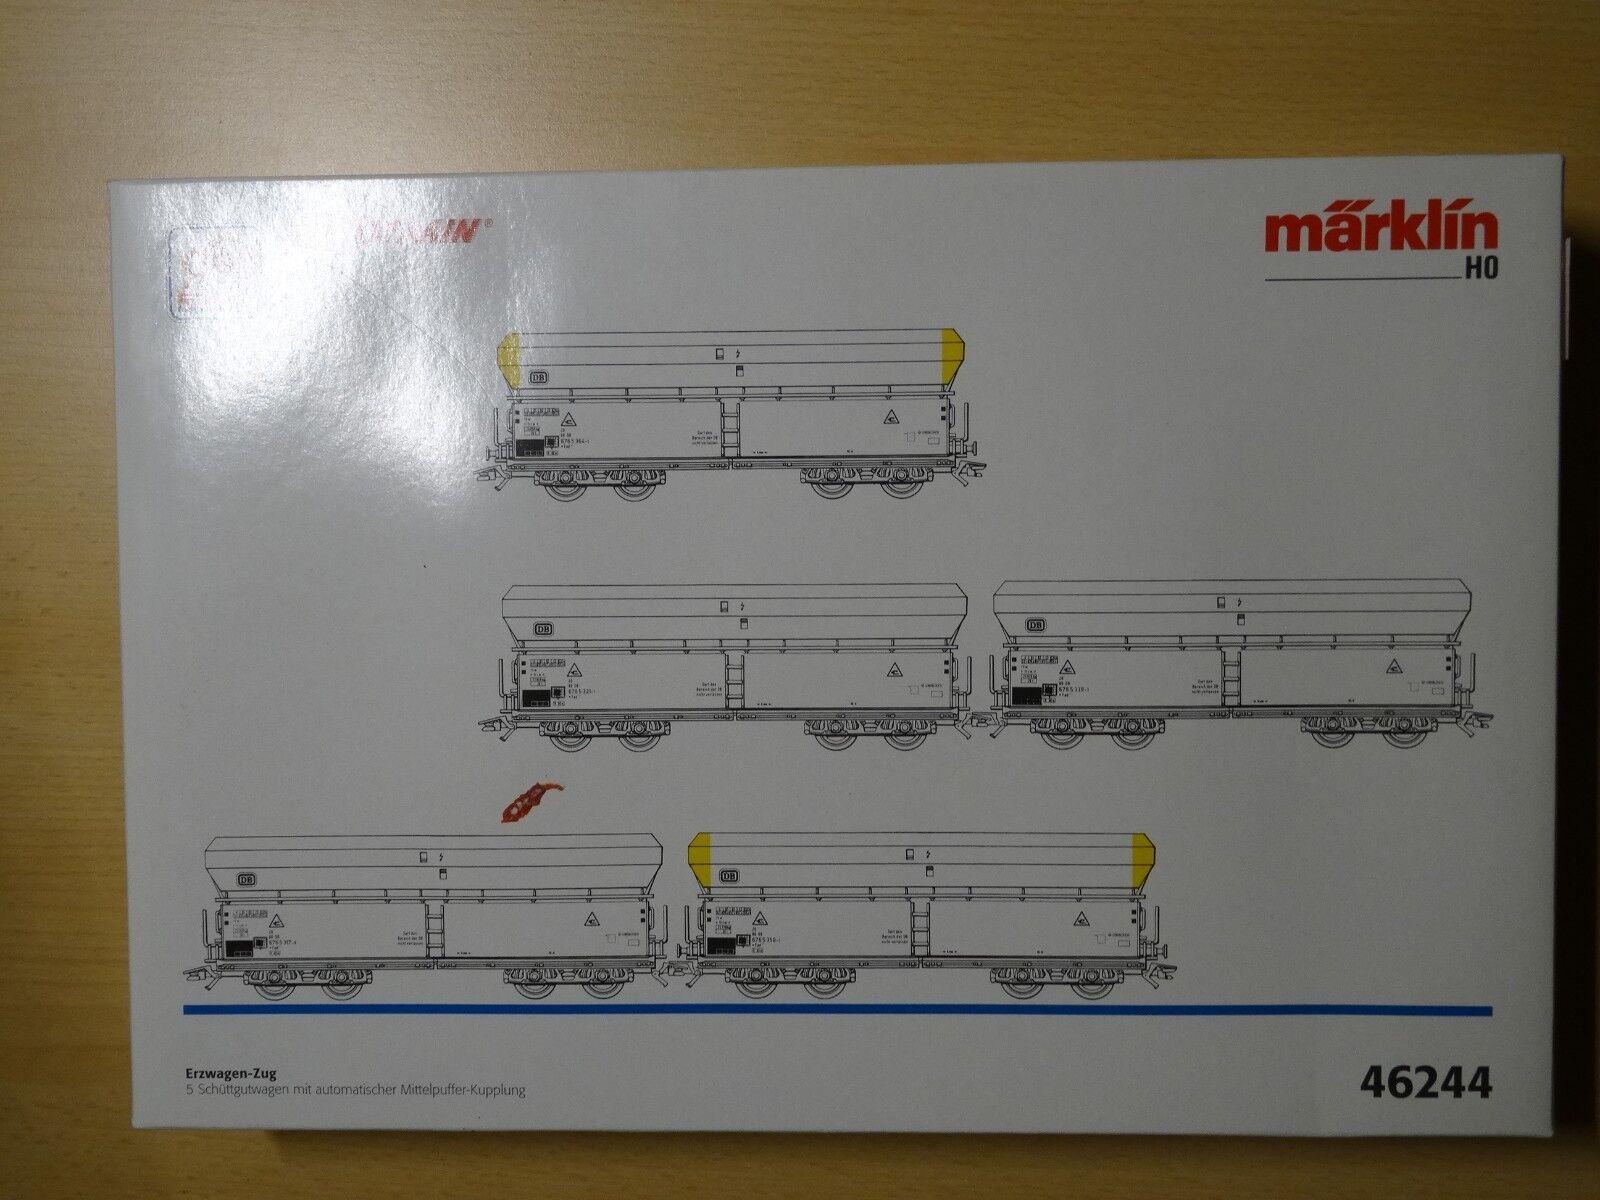 Märklin HO ART 46244 erzwagen-treno della DB Neuw Org-KT